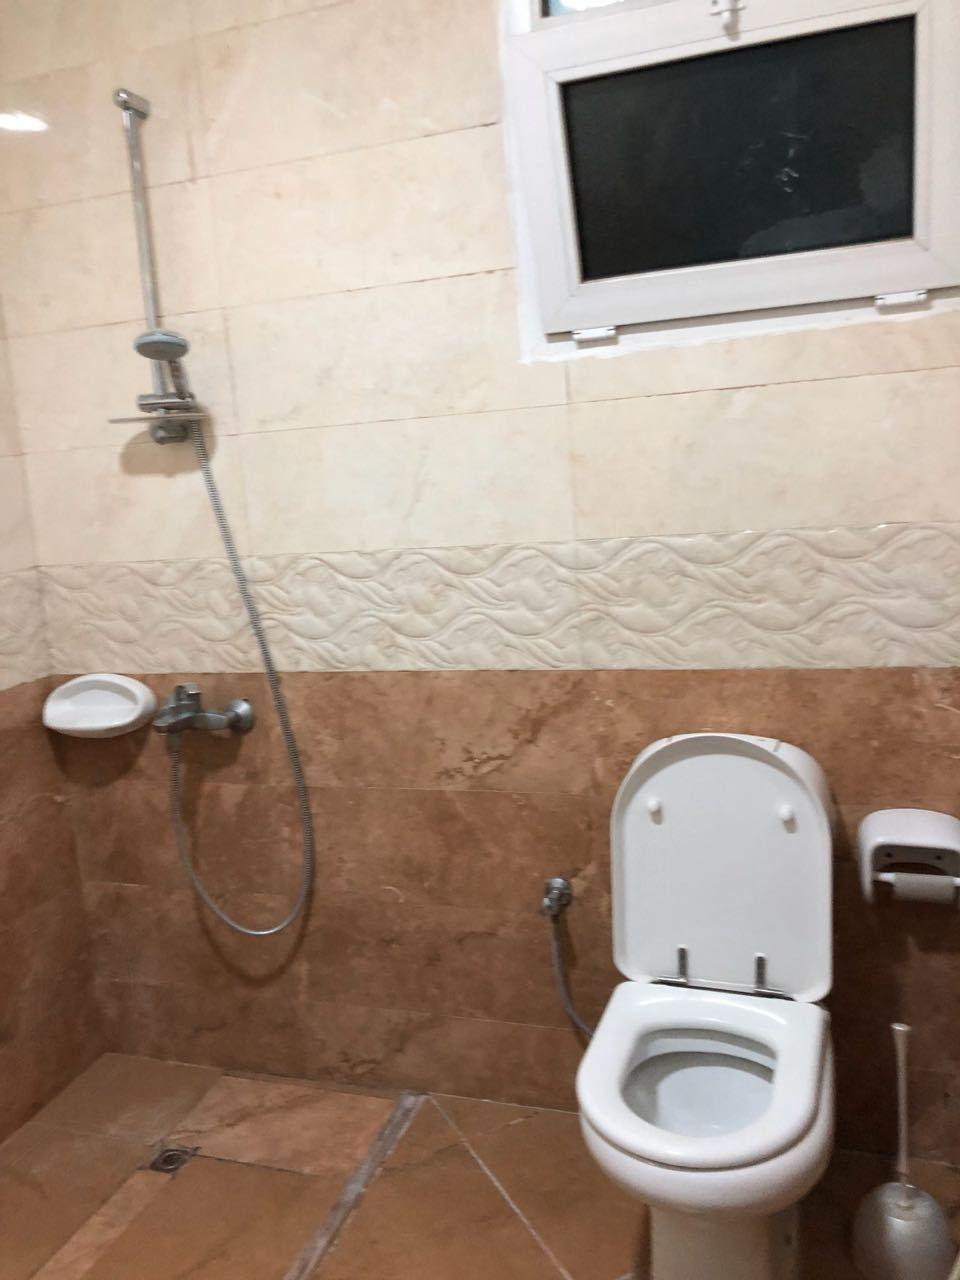 picturesque 2BHK apartment in shamkha